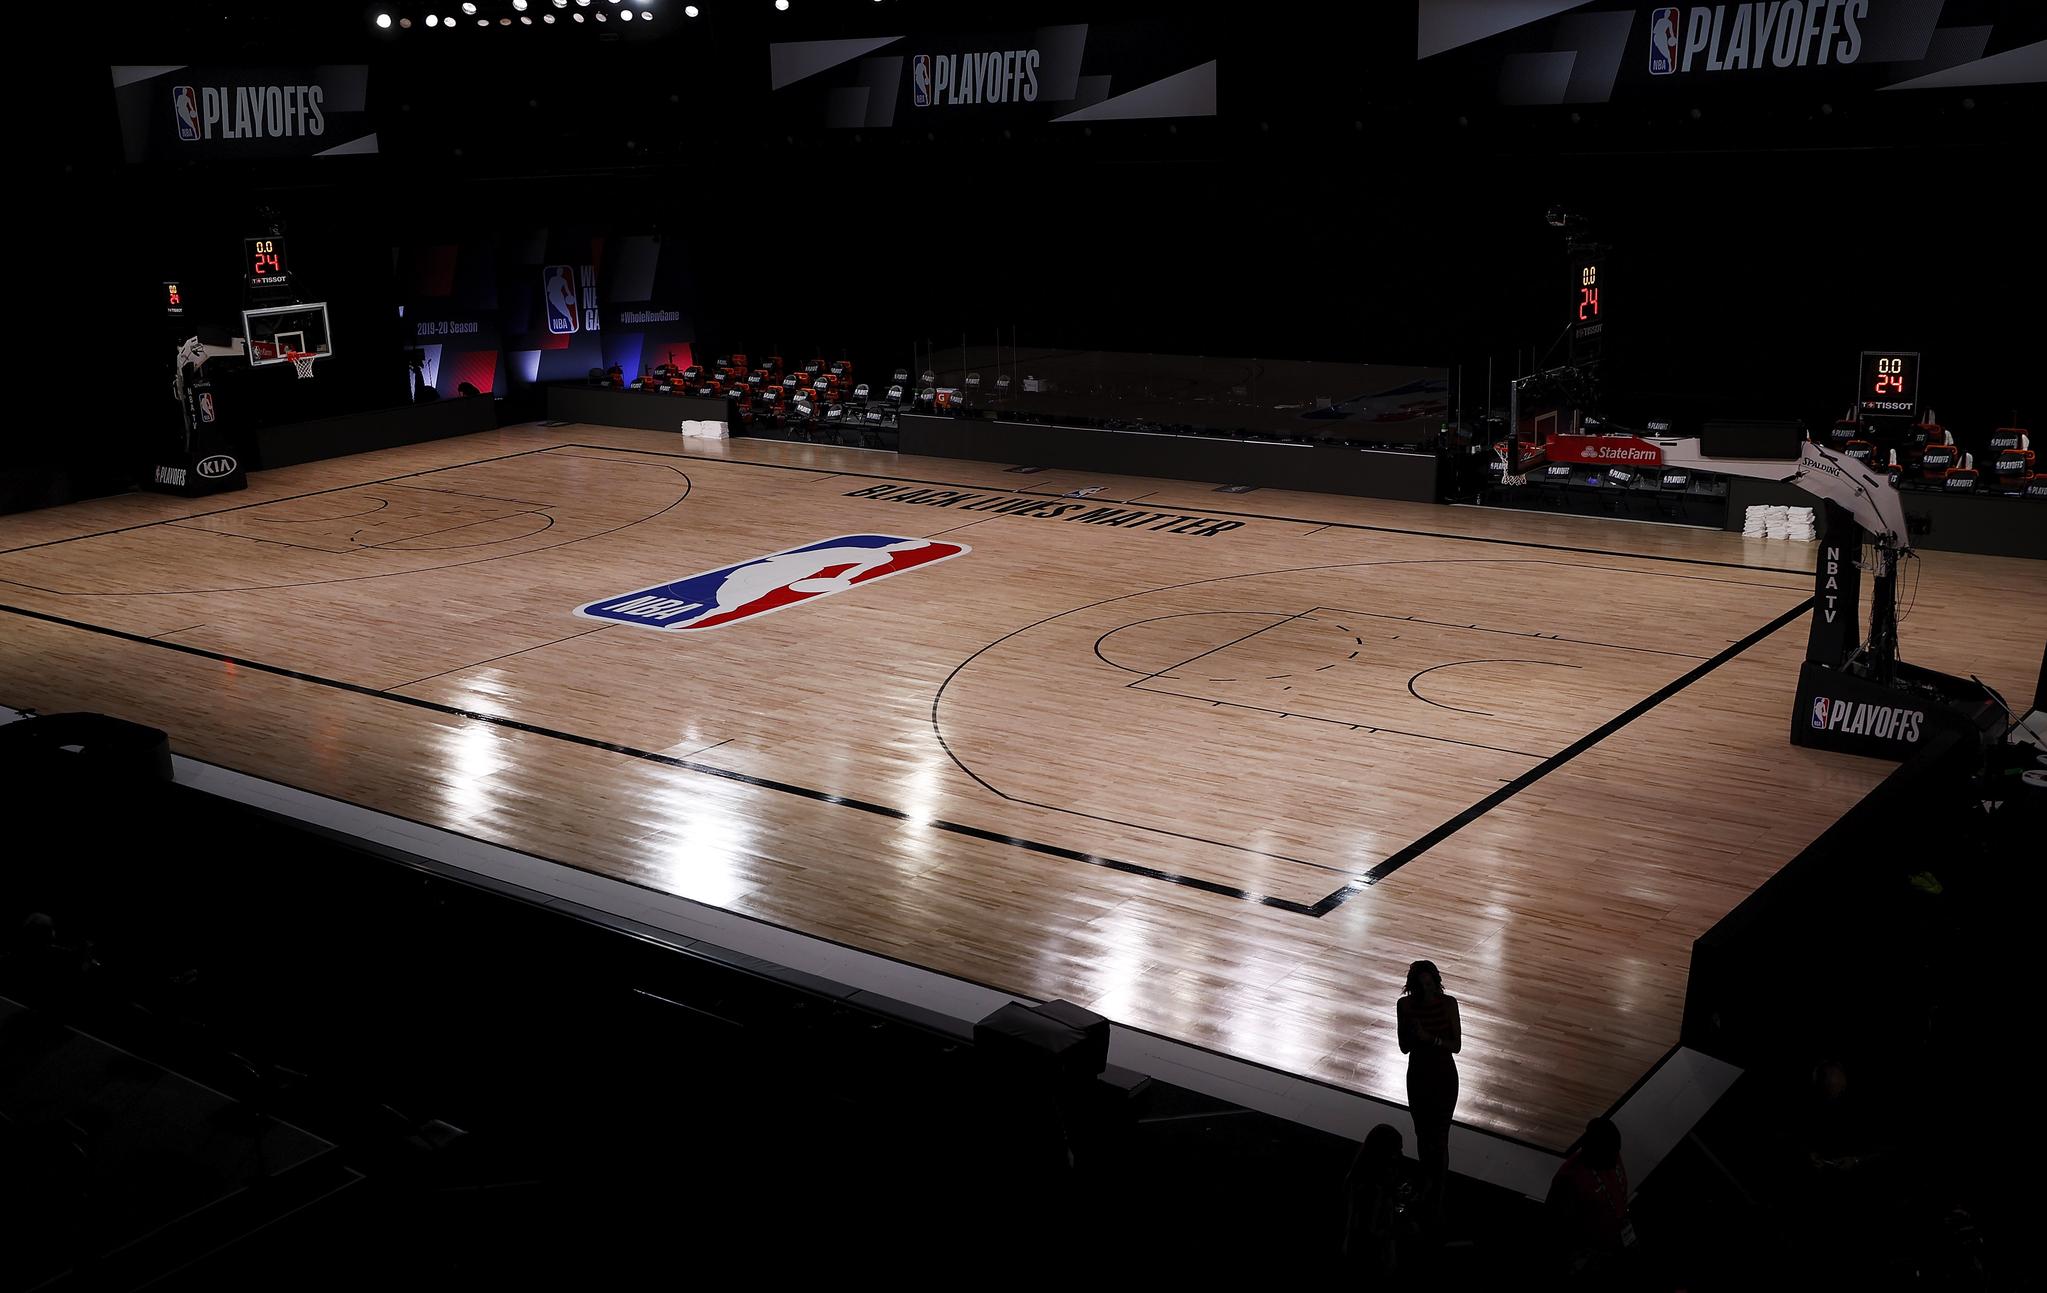 27일 NBA 플레이오프가 예정됐던 플로리다 농구 코트가 텅텅 비어 있다. NBA 밀워키 벅스 선수단은 위스콘신주 흑인 피격에 항의하는 차원에서 경기를 거부했다. [EPA=연합뉴스]